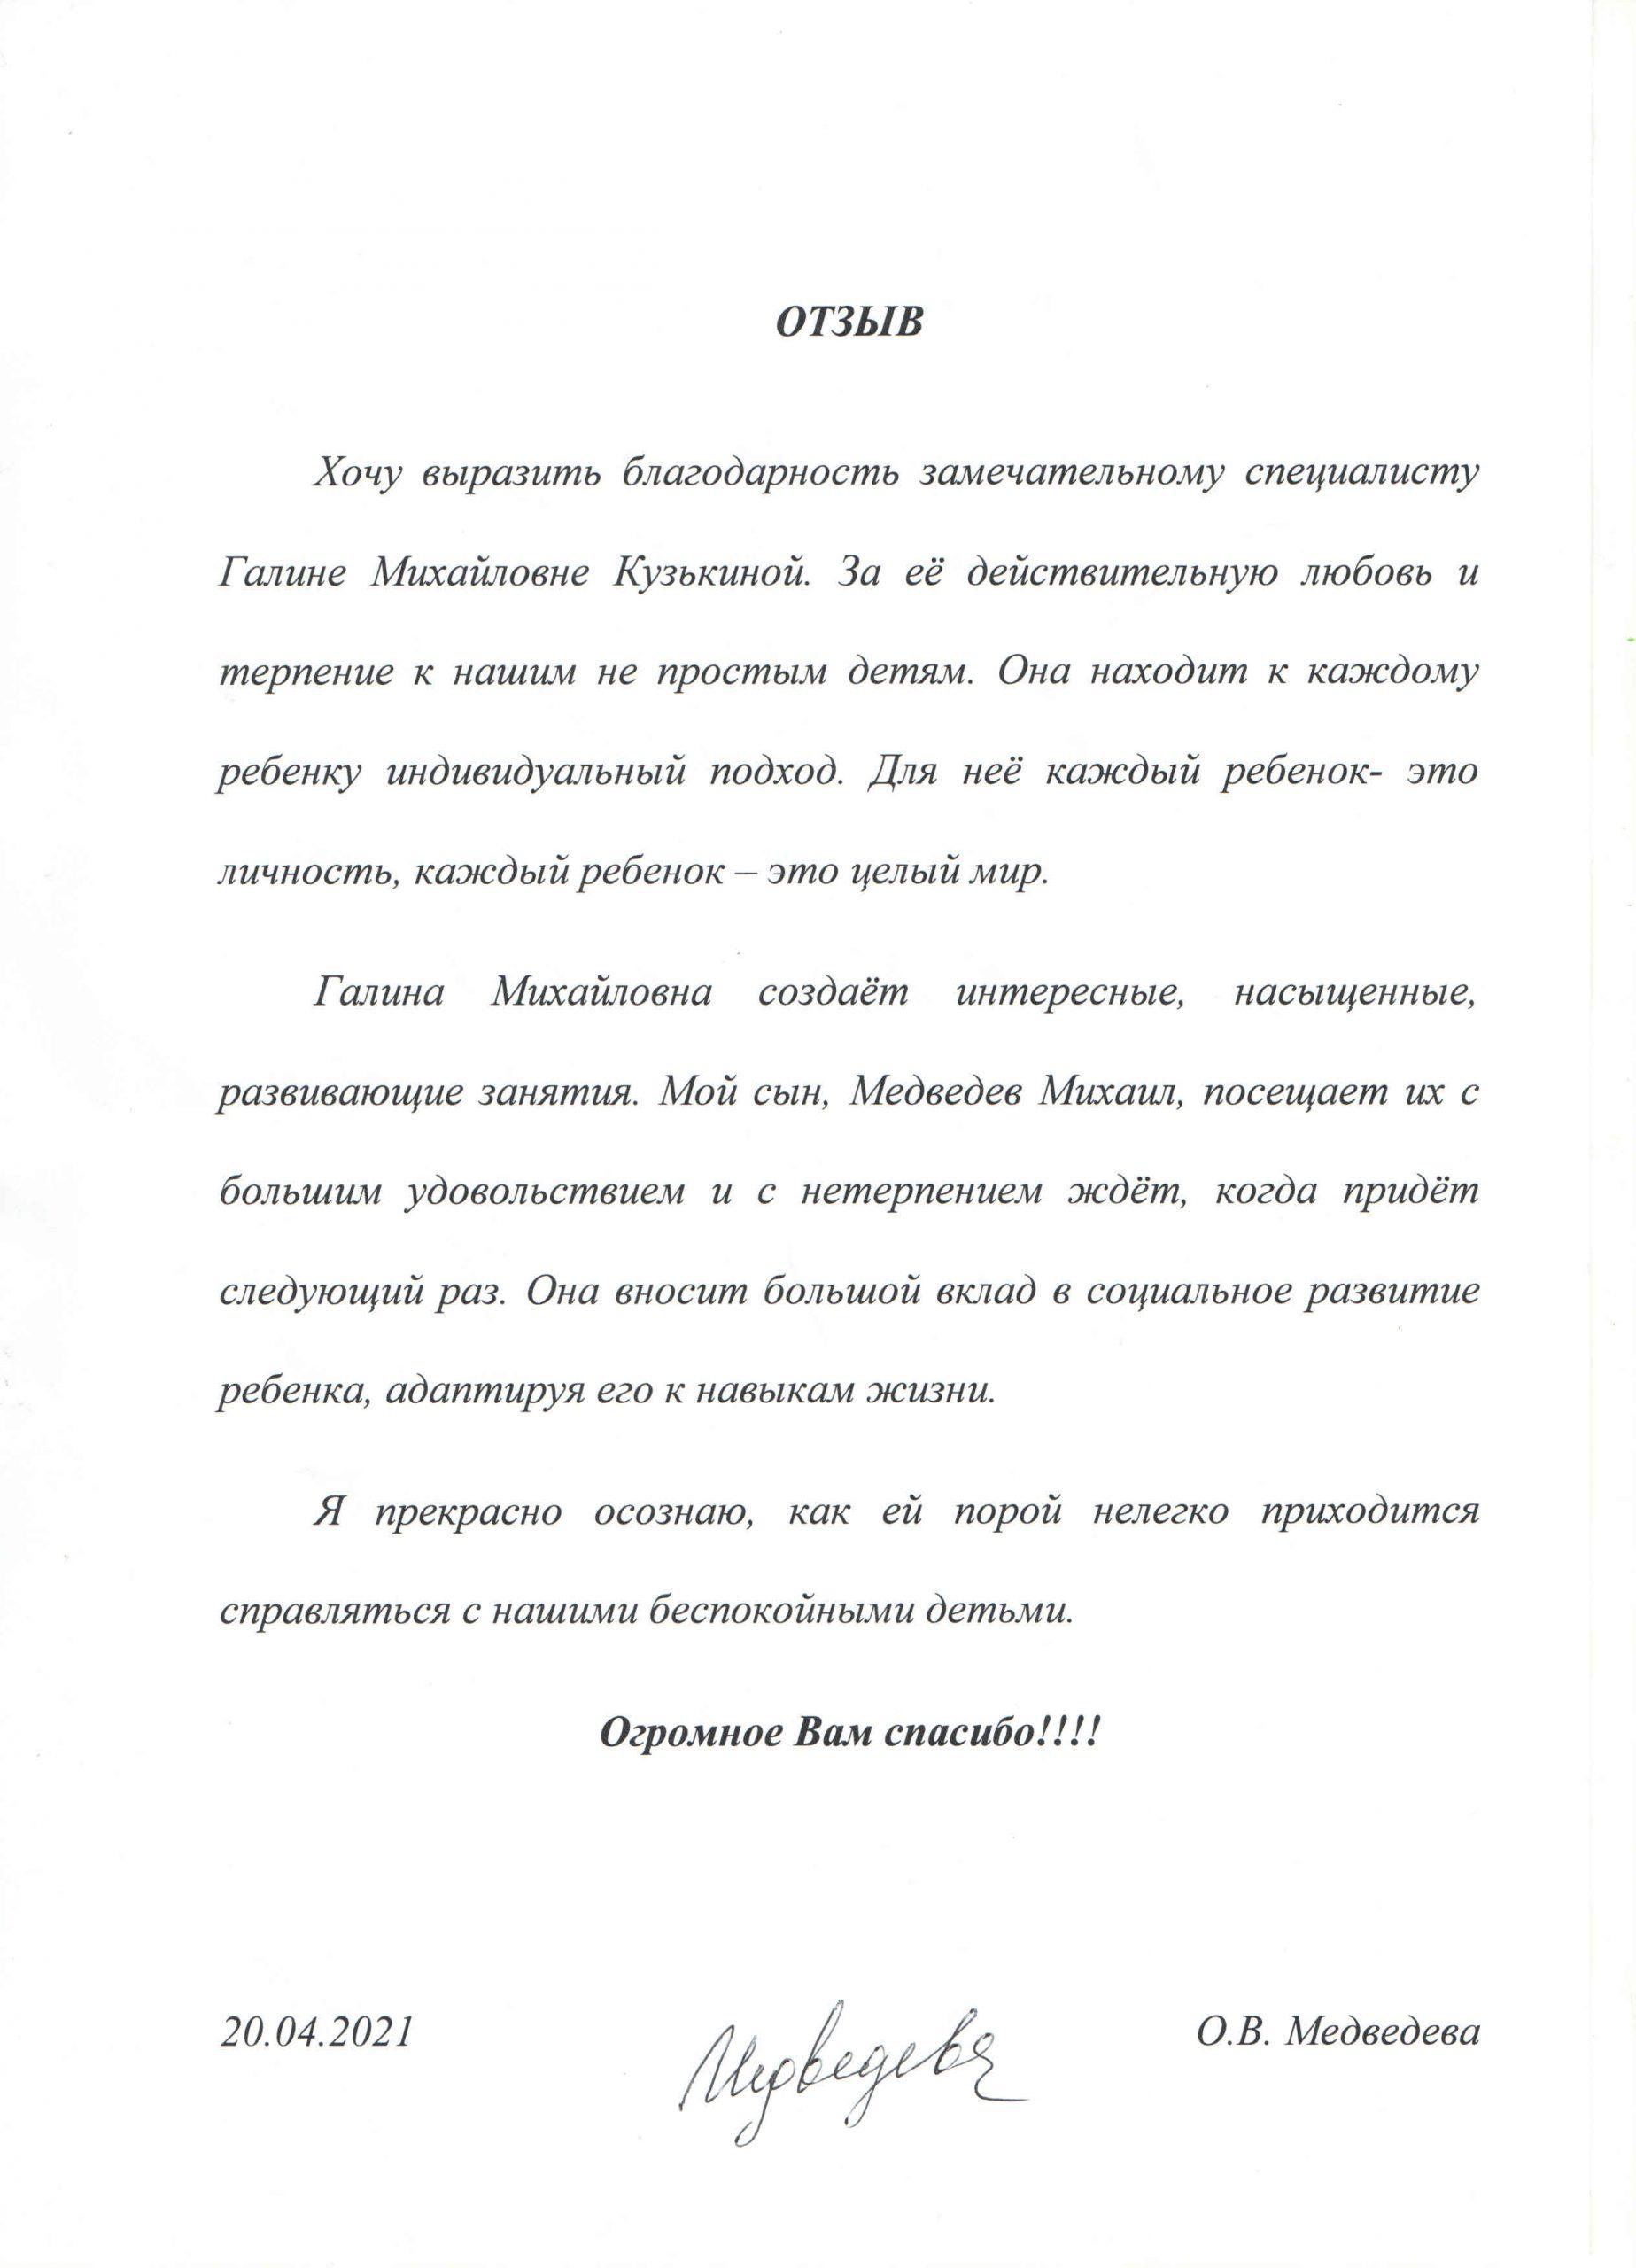 Кузькина 20.04.2021